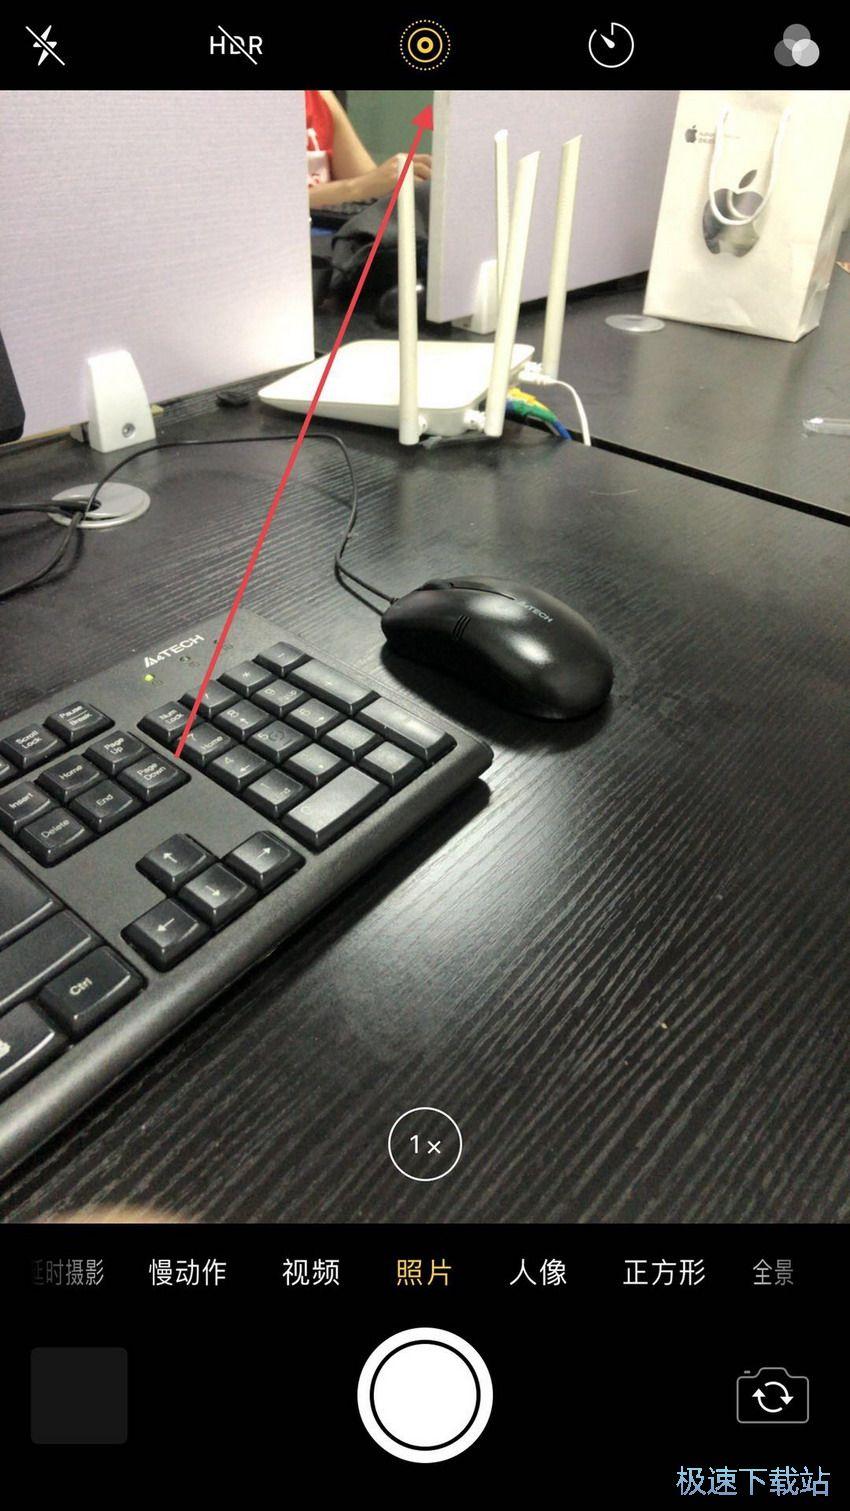 图:设置锁屏动态壁纸